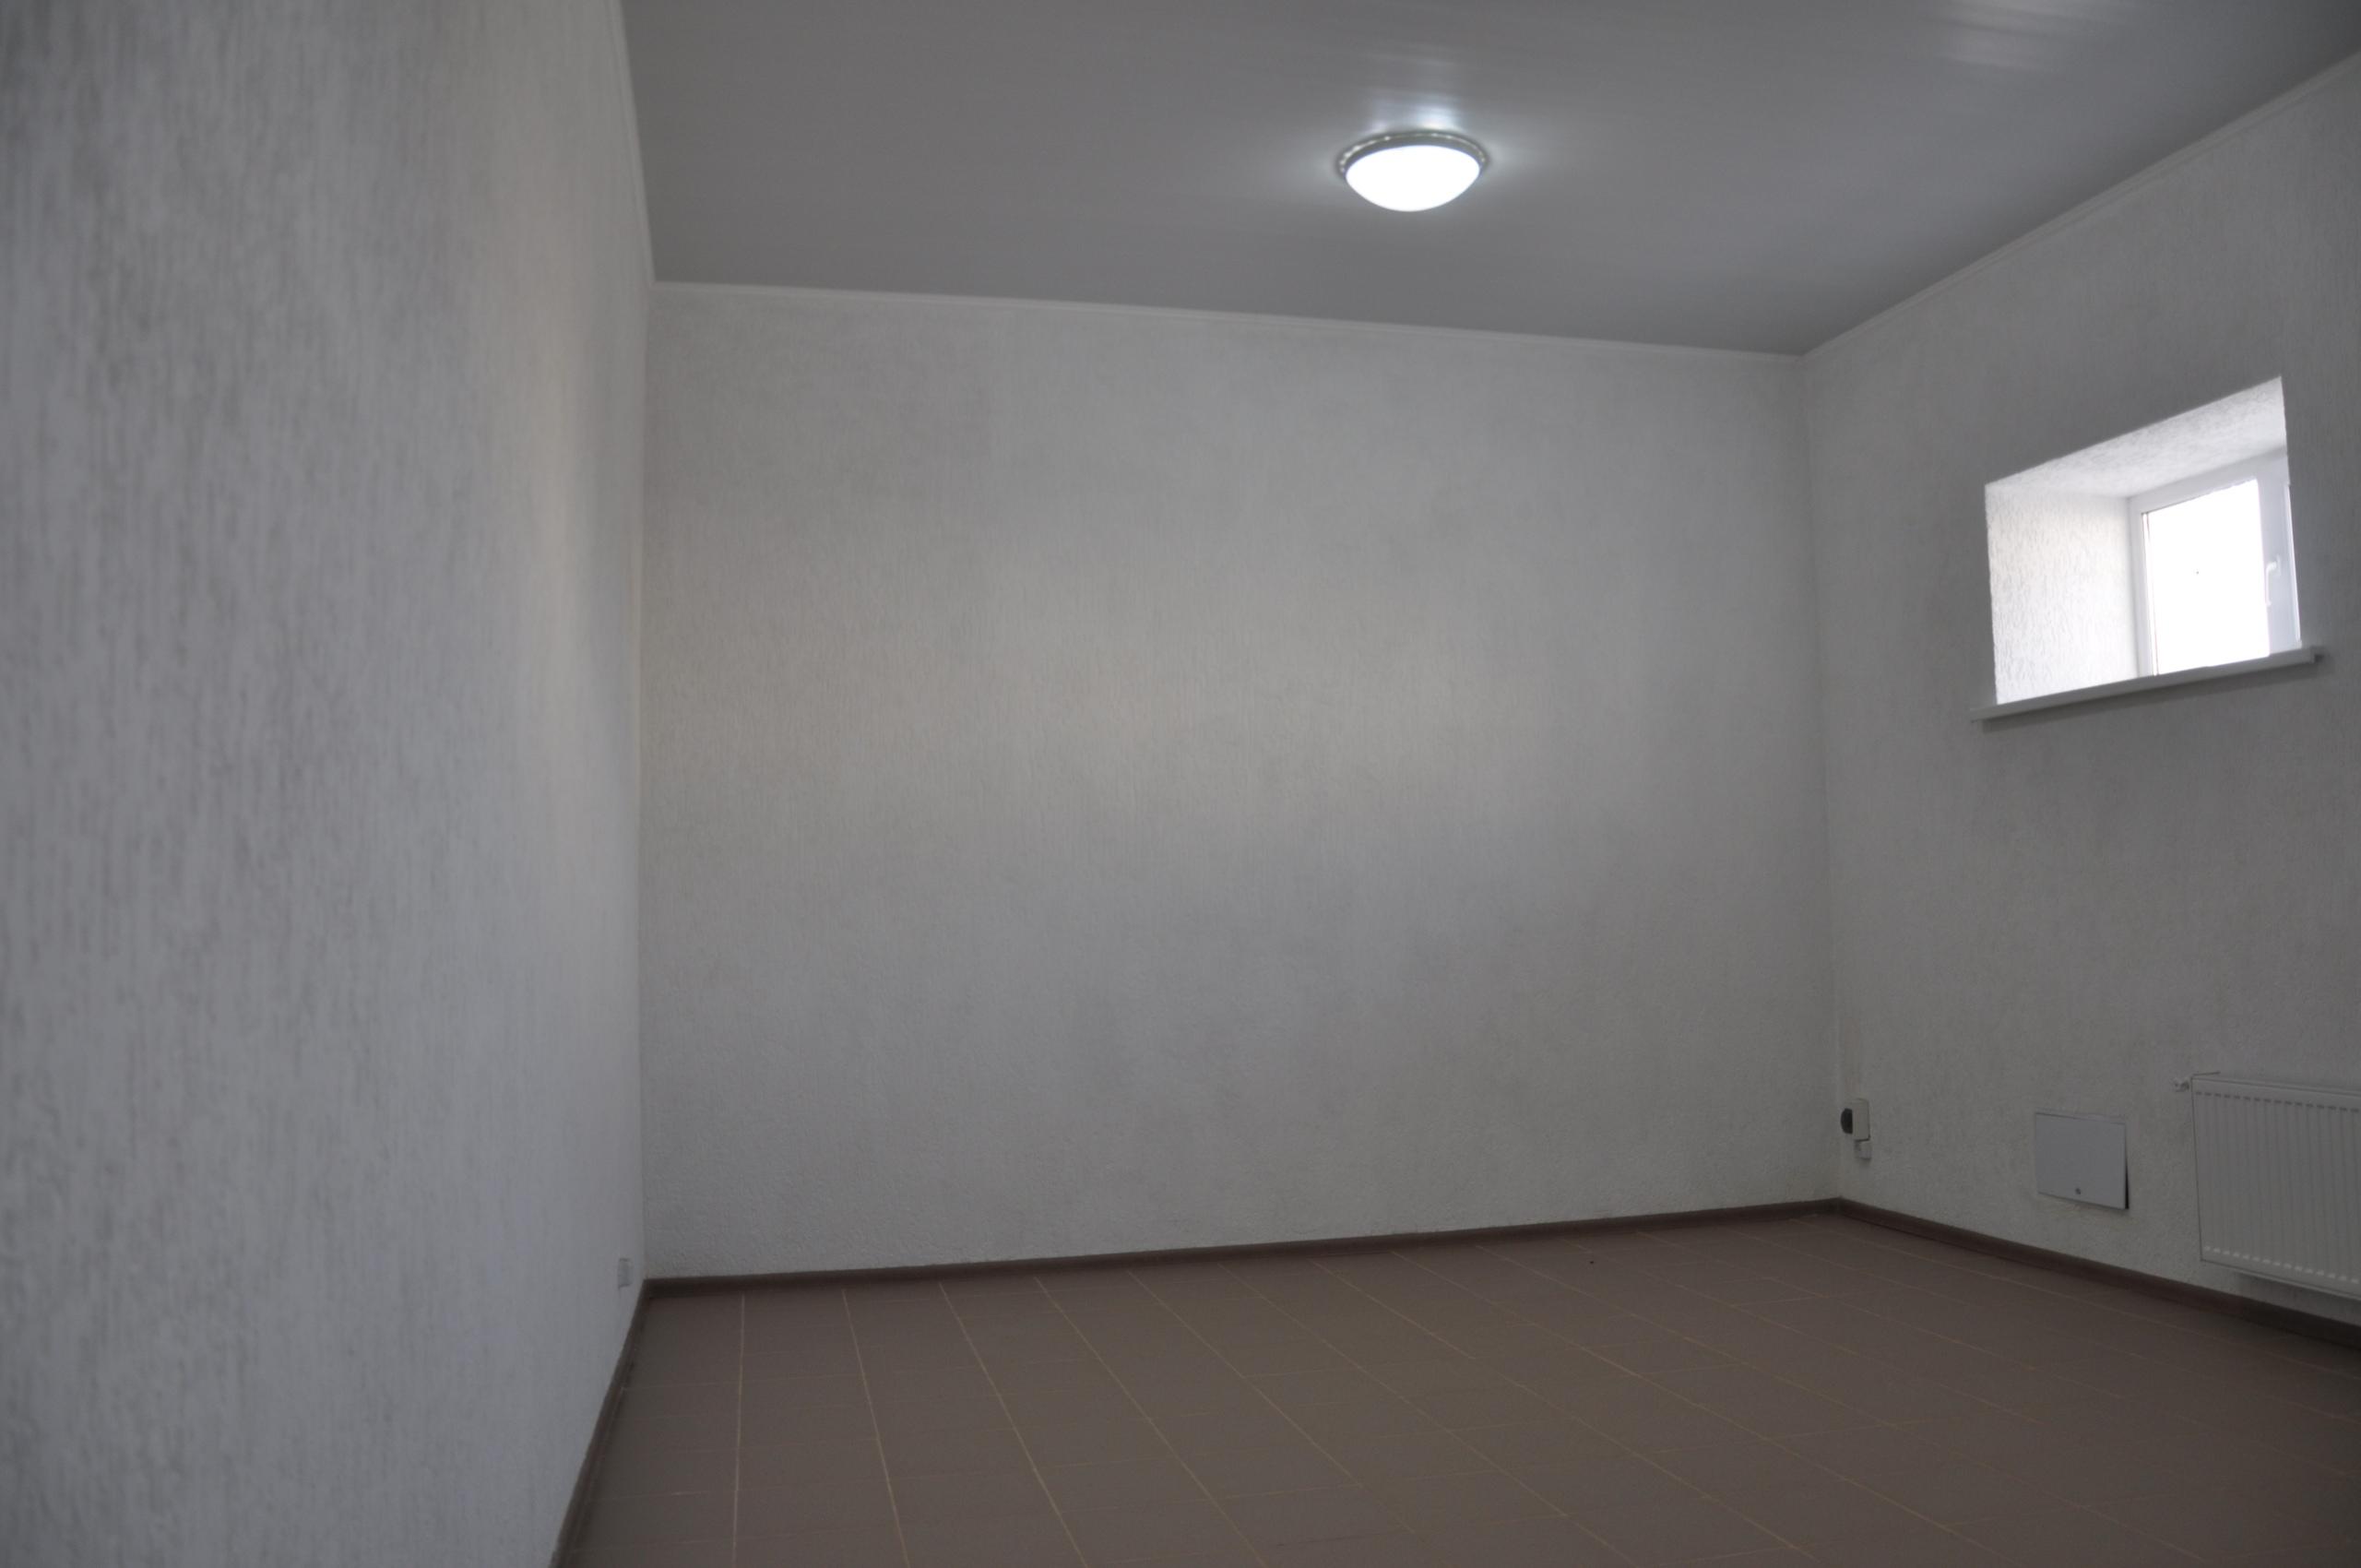 Сдается в аренду помещение общей площадью 23м².